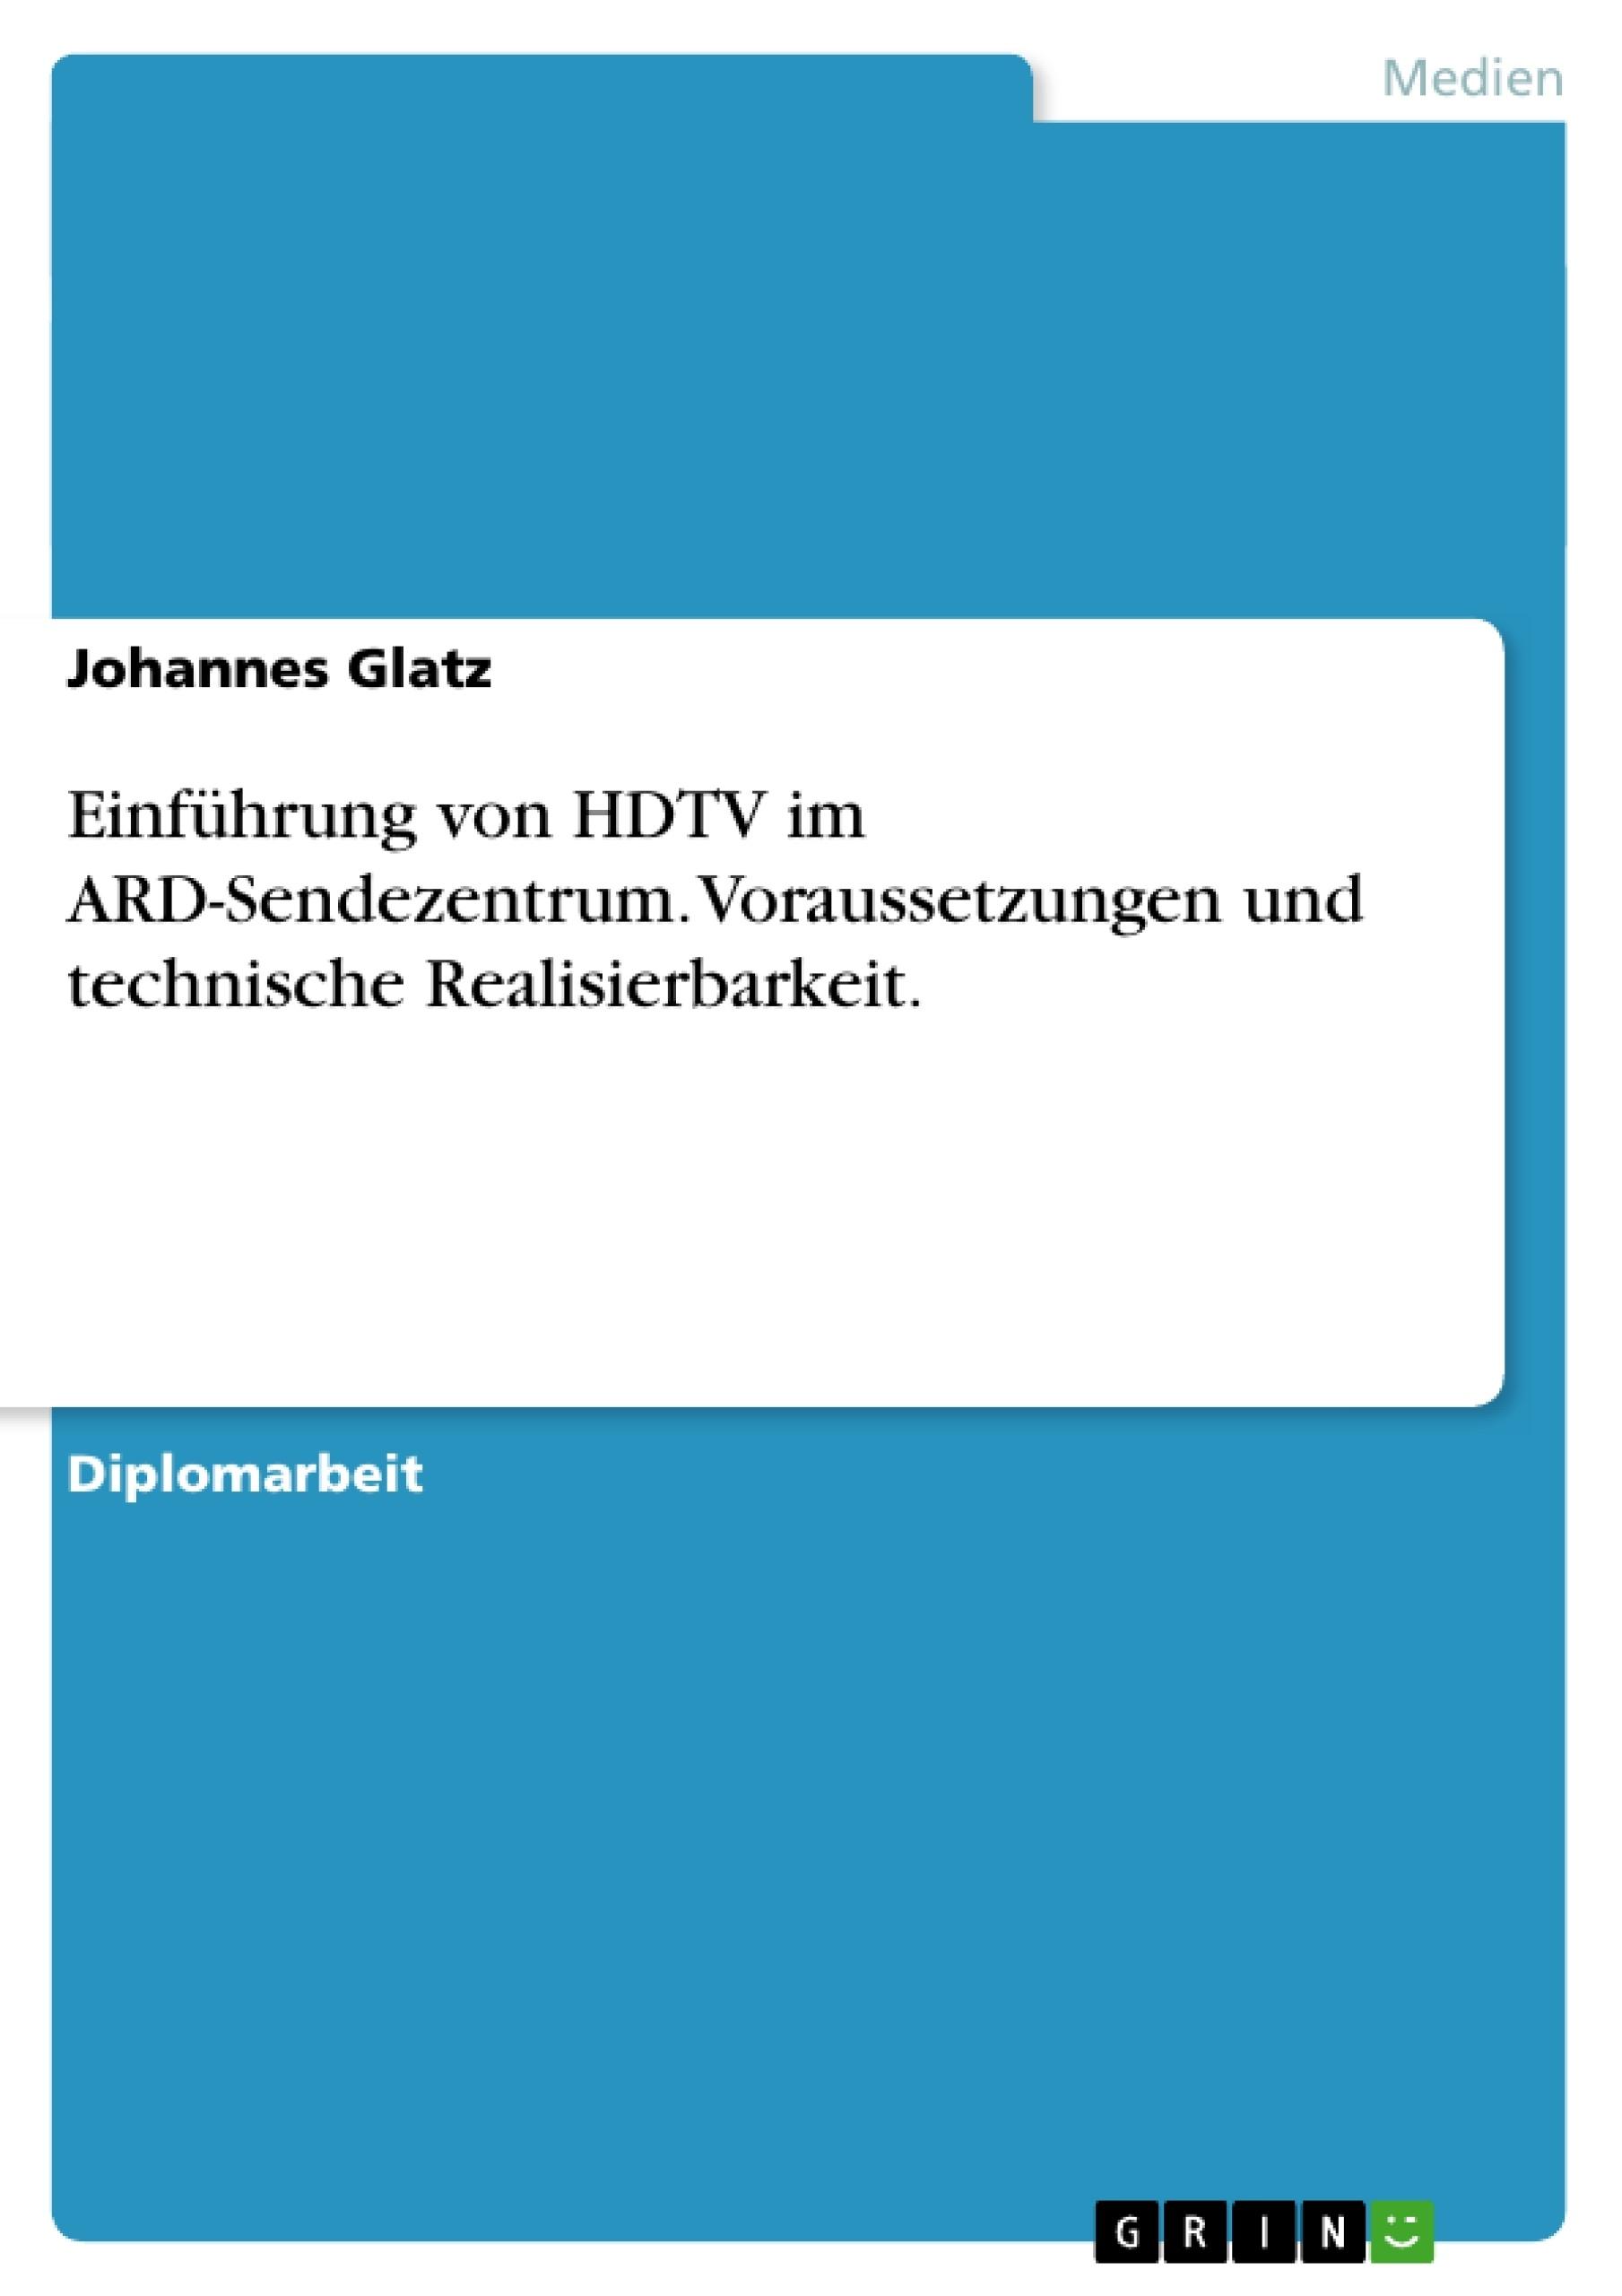 Titel: Einführung von HDTV im ARD-Sendezentrum. Voraussetzungen und technische Realisierbarkeit.